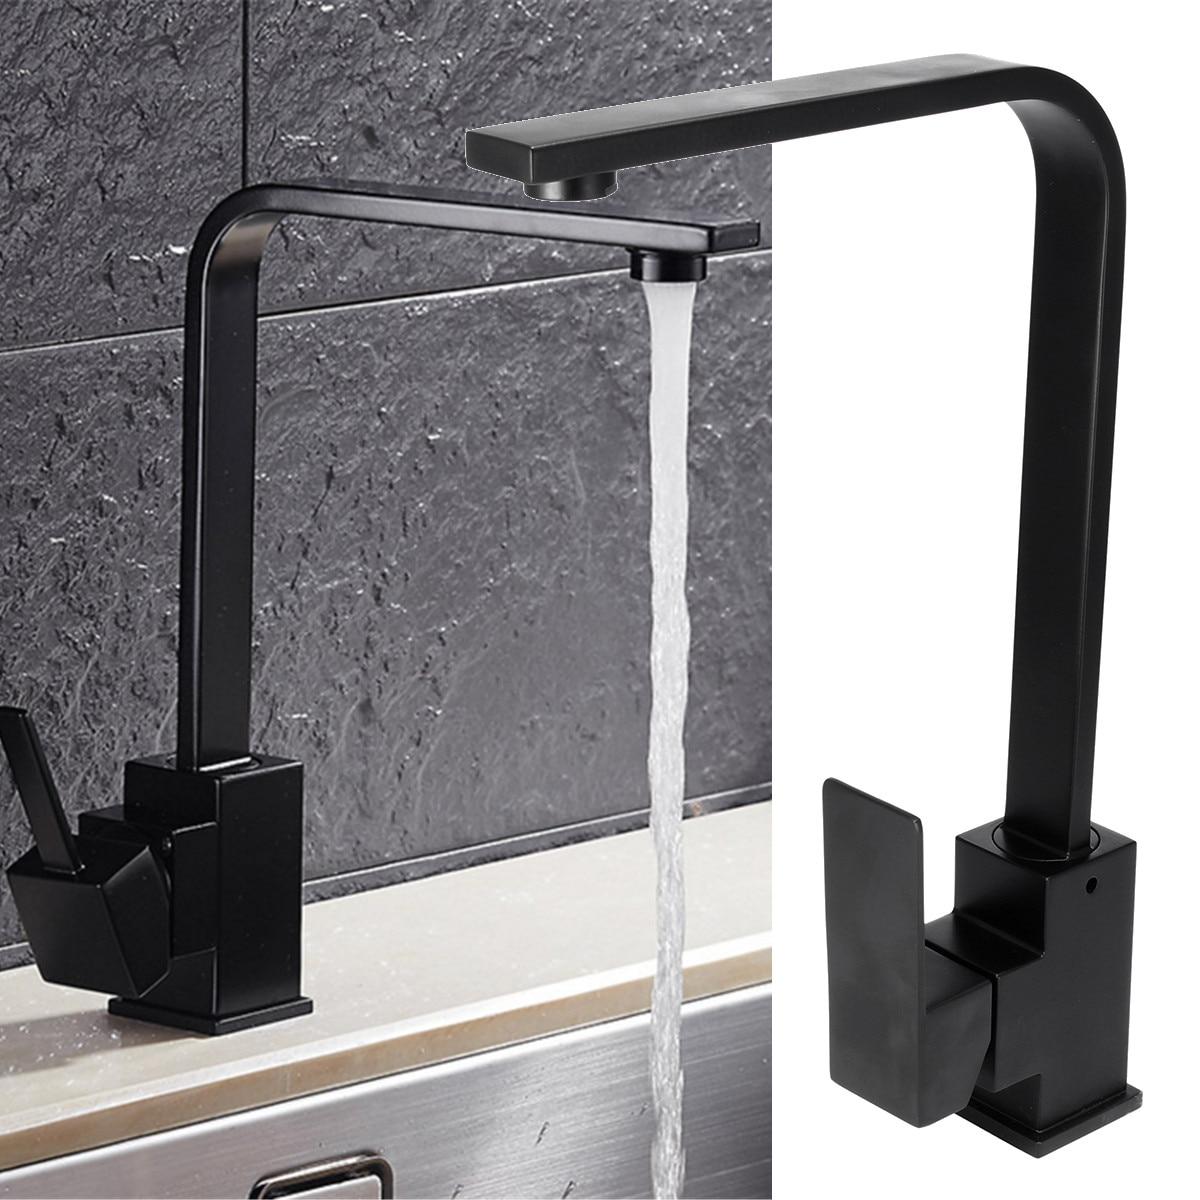 Cuisine salle de bains évier robinet mélangeur froid et chaud poignée unique bec cuisine évier mitigeur robinet robinets mat noir laiton